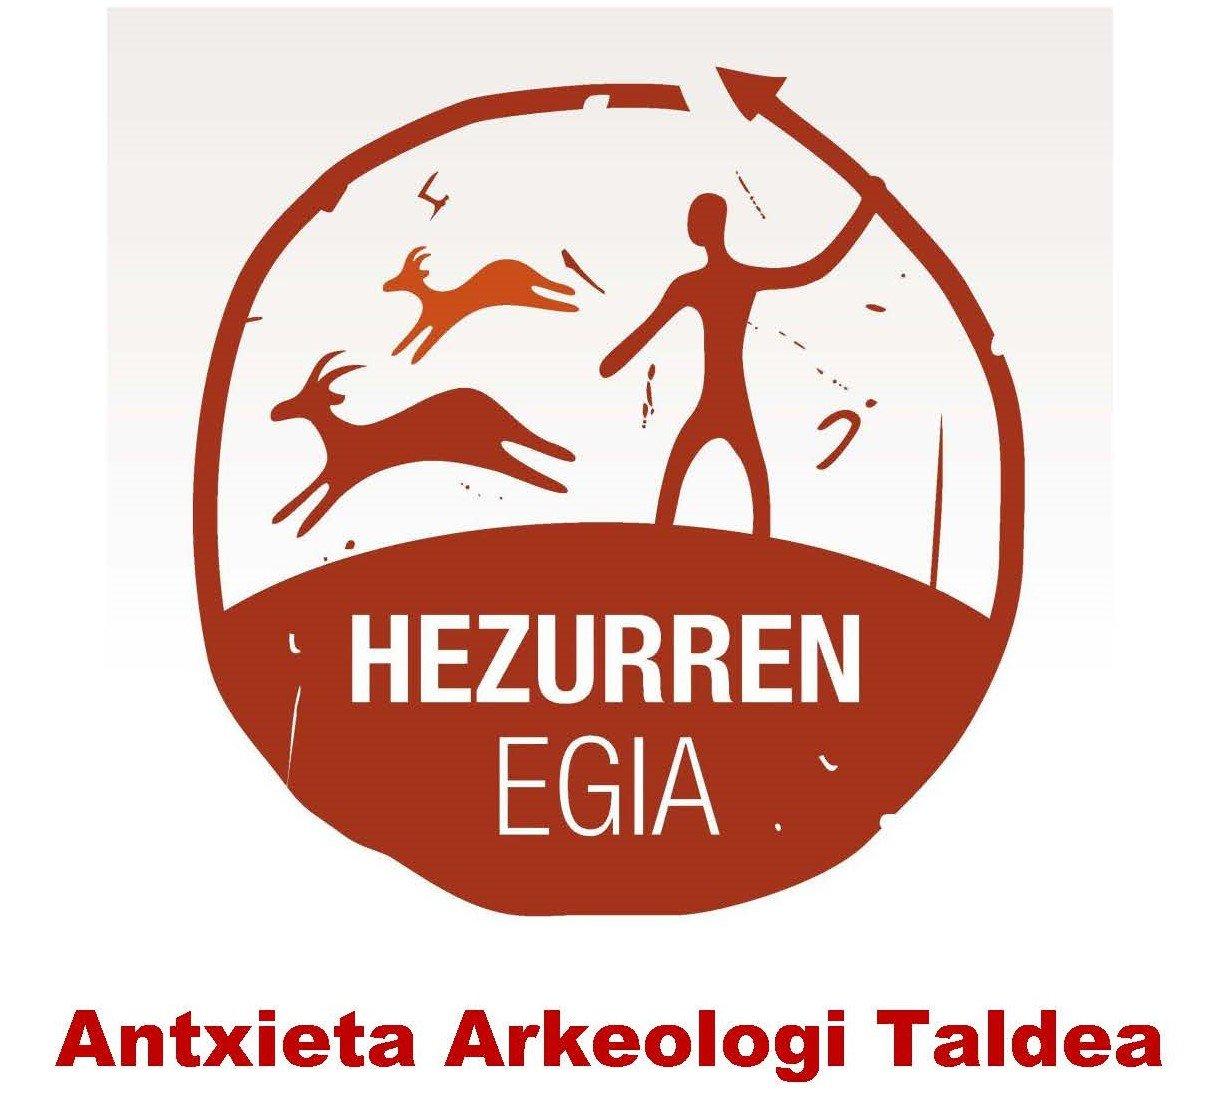 Antxieta Arkeologia Taldea